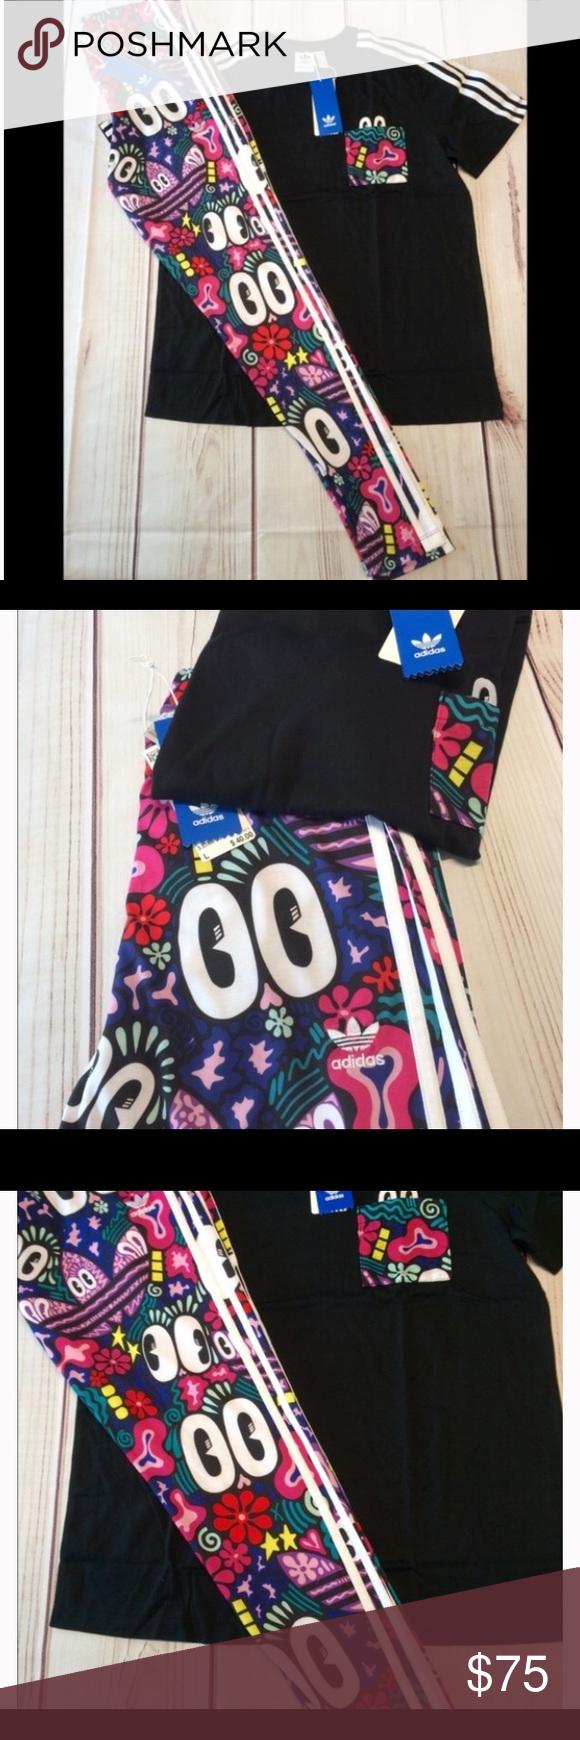 adidas Originals 3 Stripe Leggings Boutiques And Brands